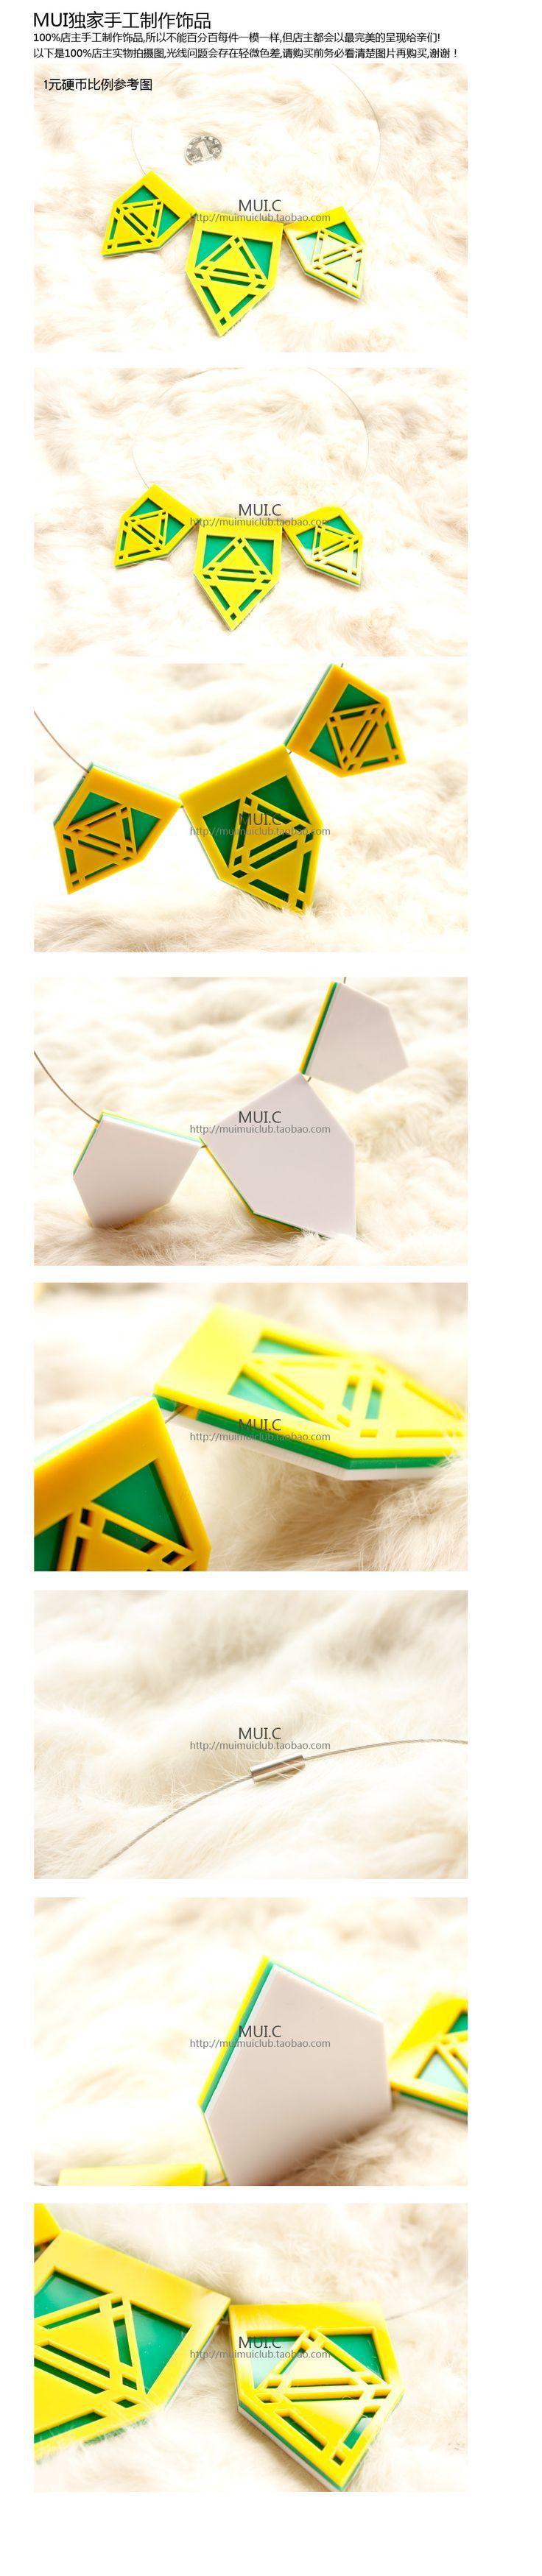 MUIMUI ● ● эксклюзивный дизайн баннер геометрия треугольник цветовой контраст трехмерных полых акрил ожерелье - Taobao